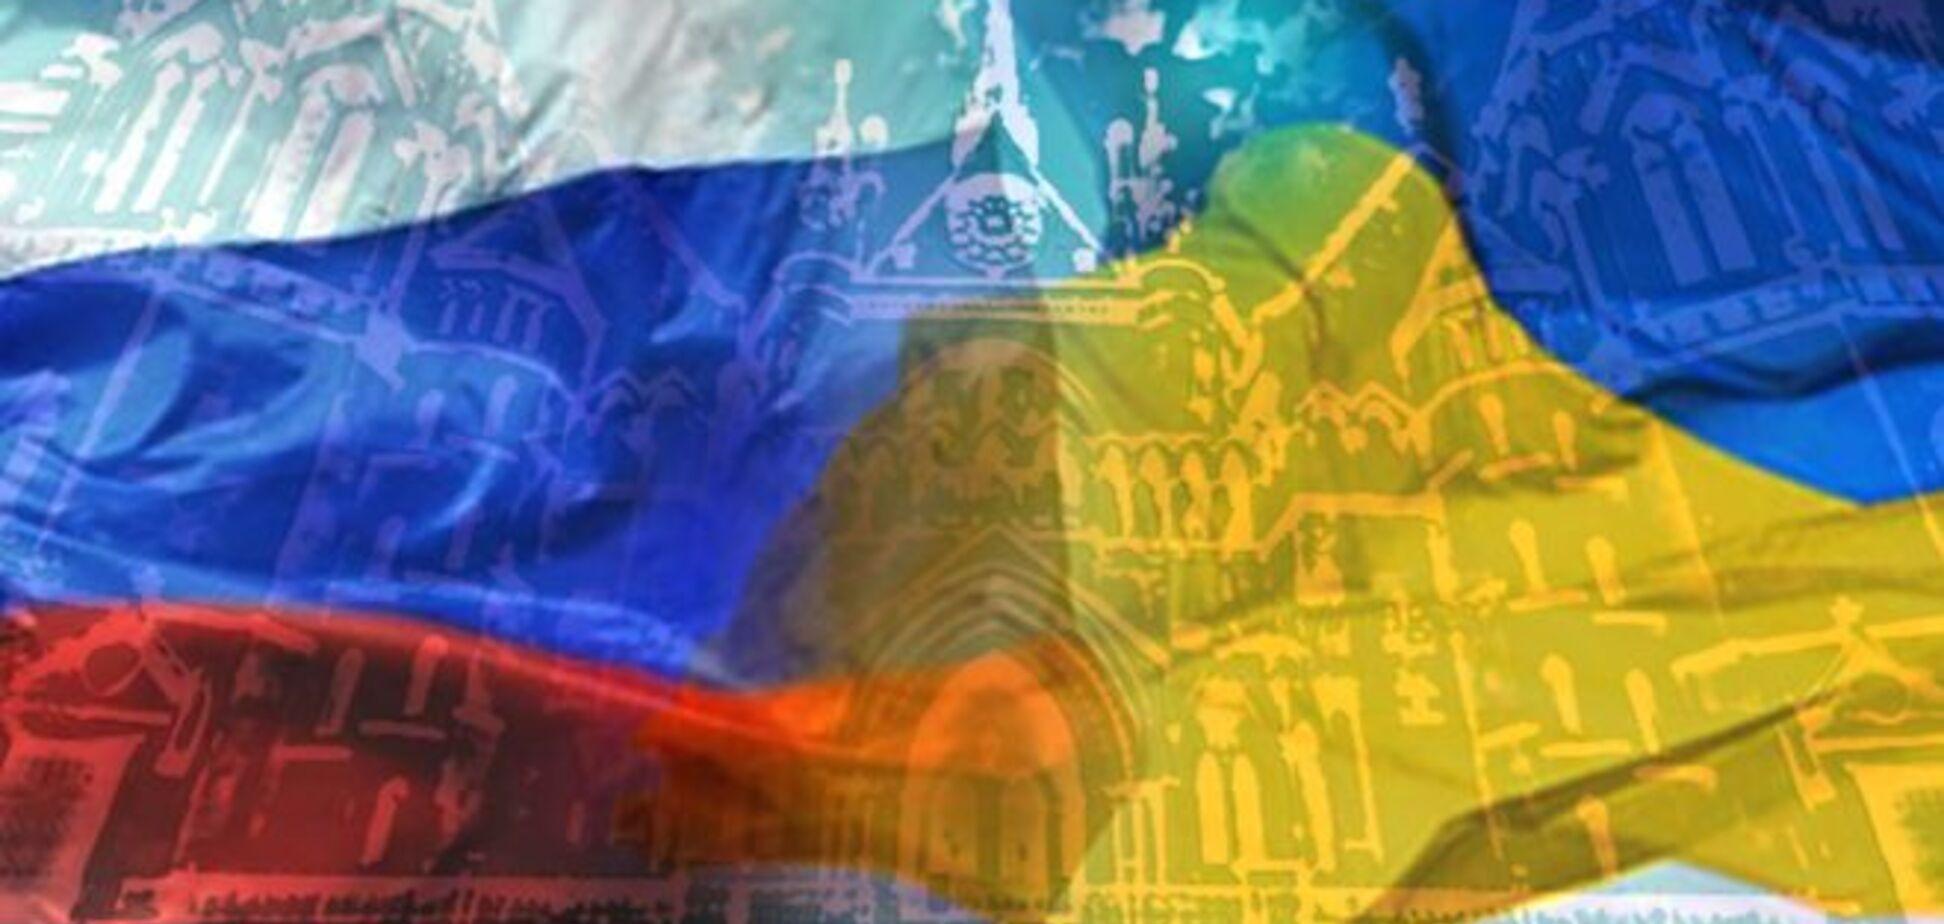 Закрытый вопрос между Украиной и Россией